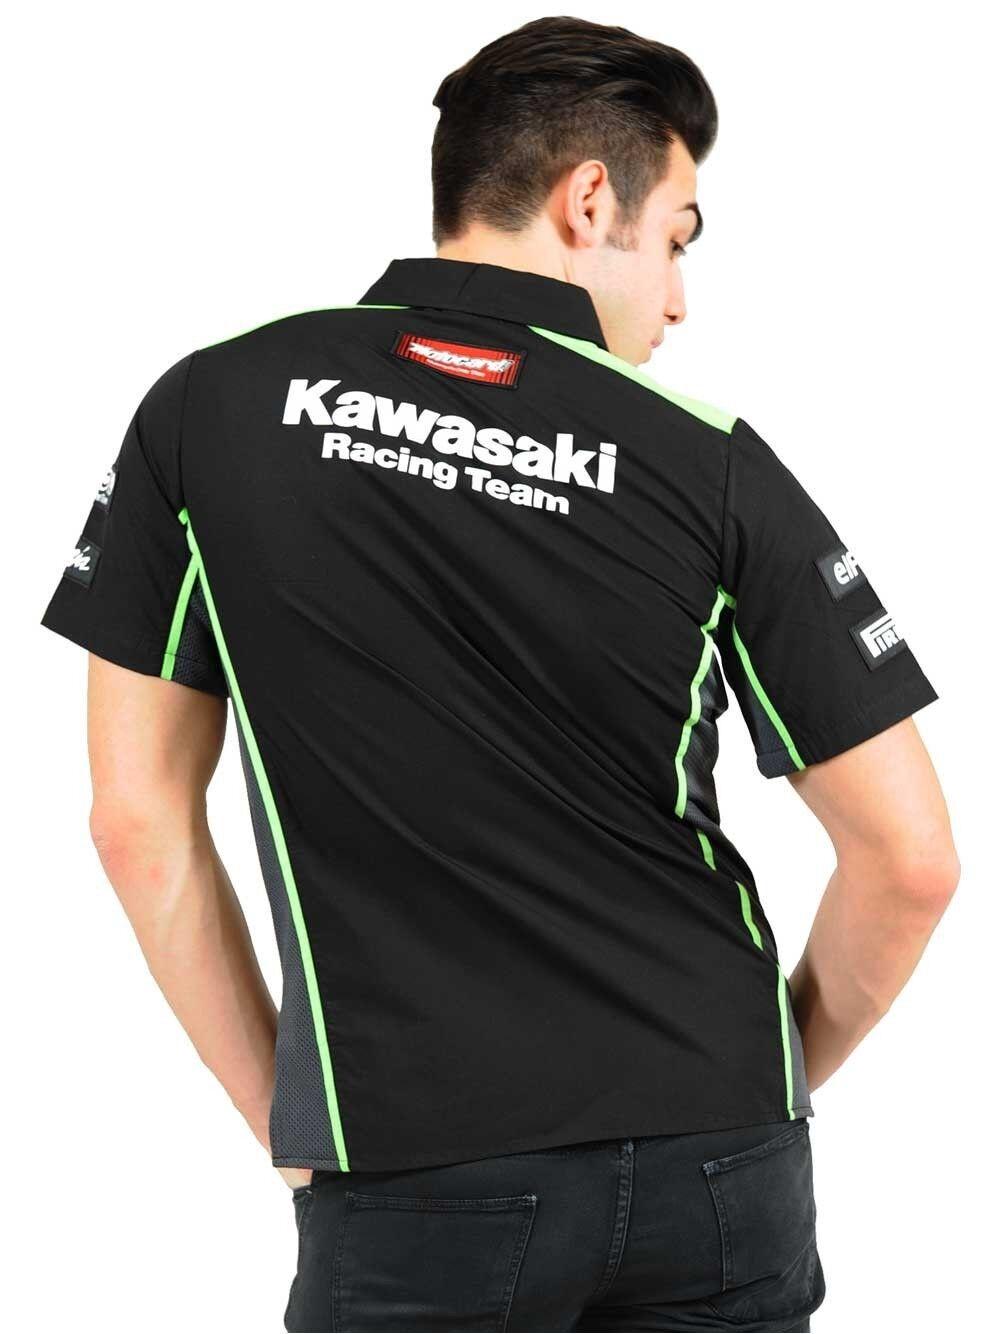 Official Kawasaki Motocard Team Race  Shirt Shirt Shirt - 16 91501 | Verschiedene Stile und Stile  968266